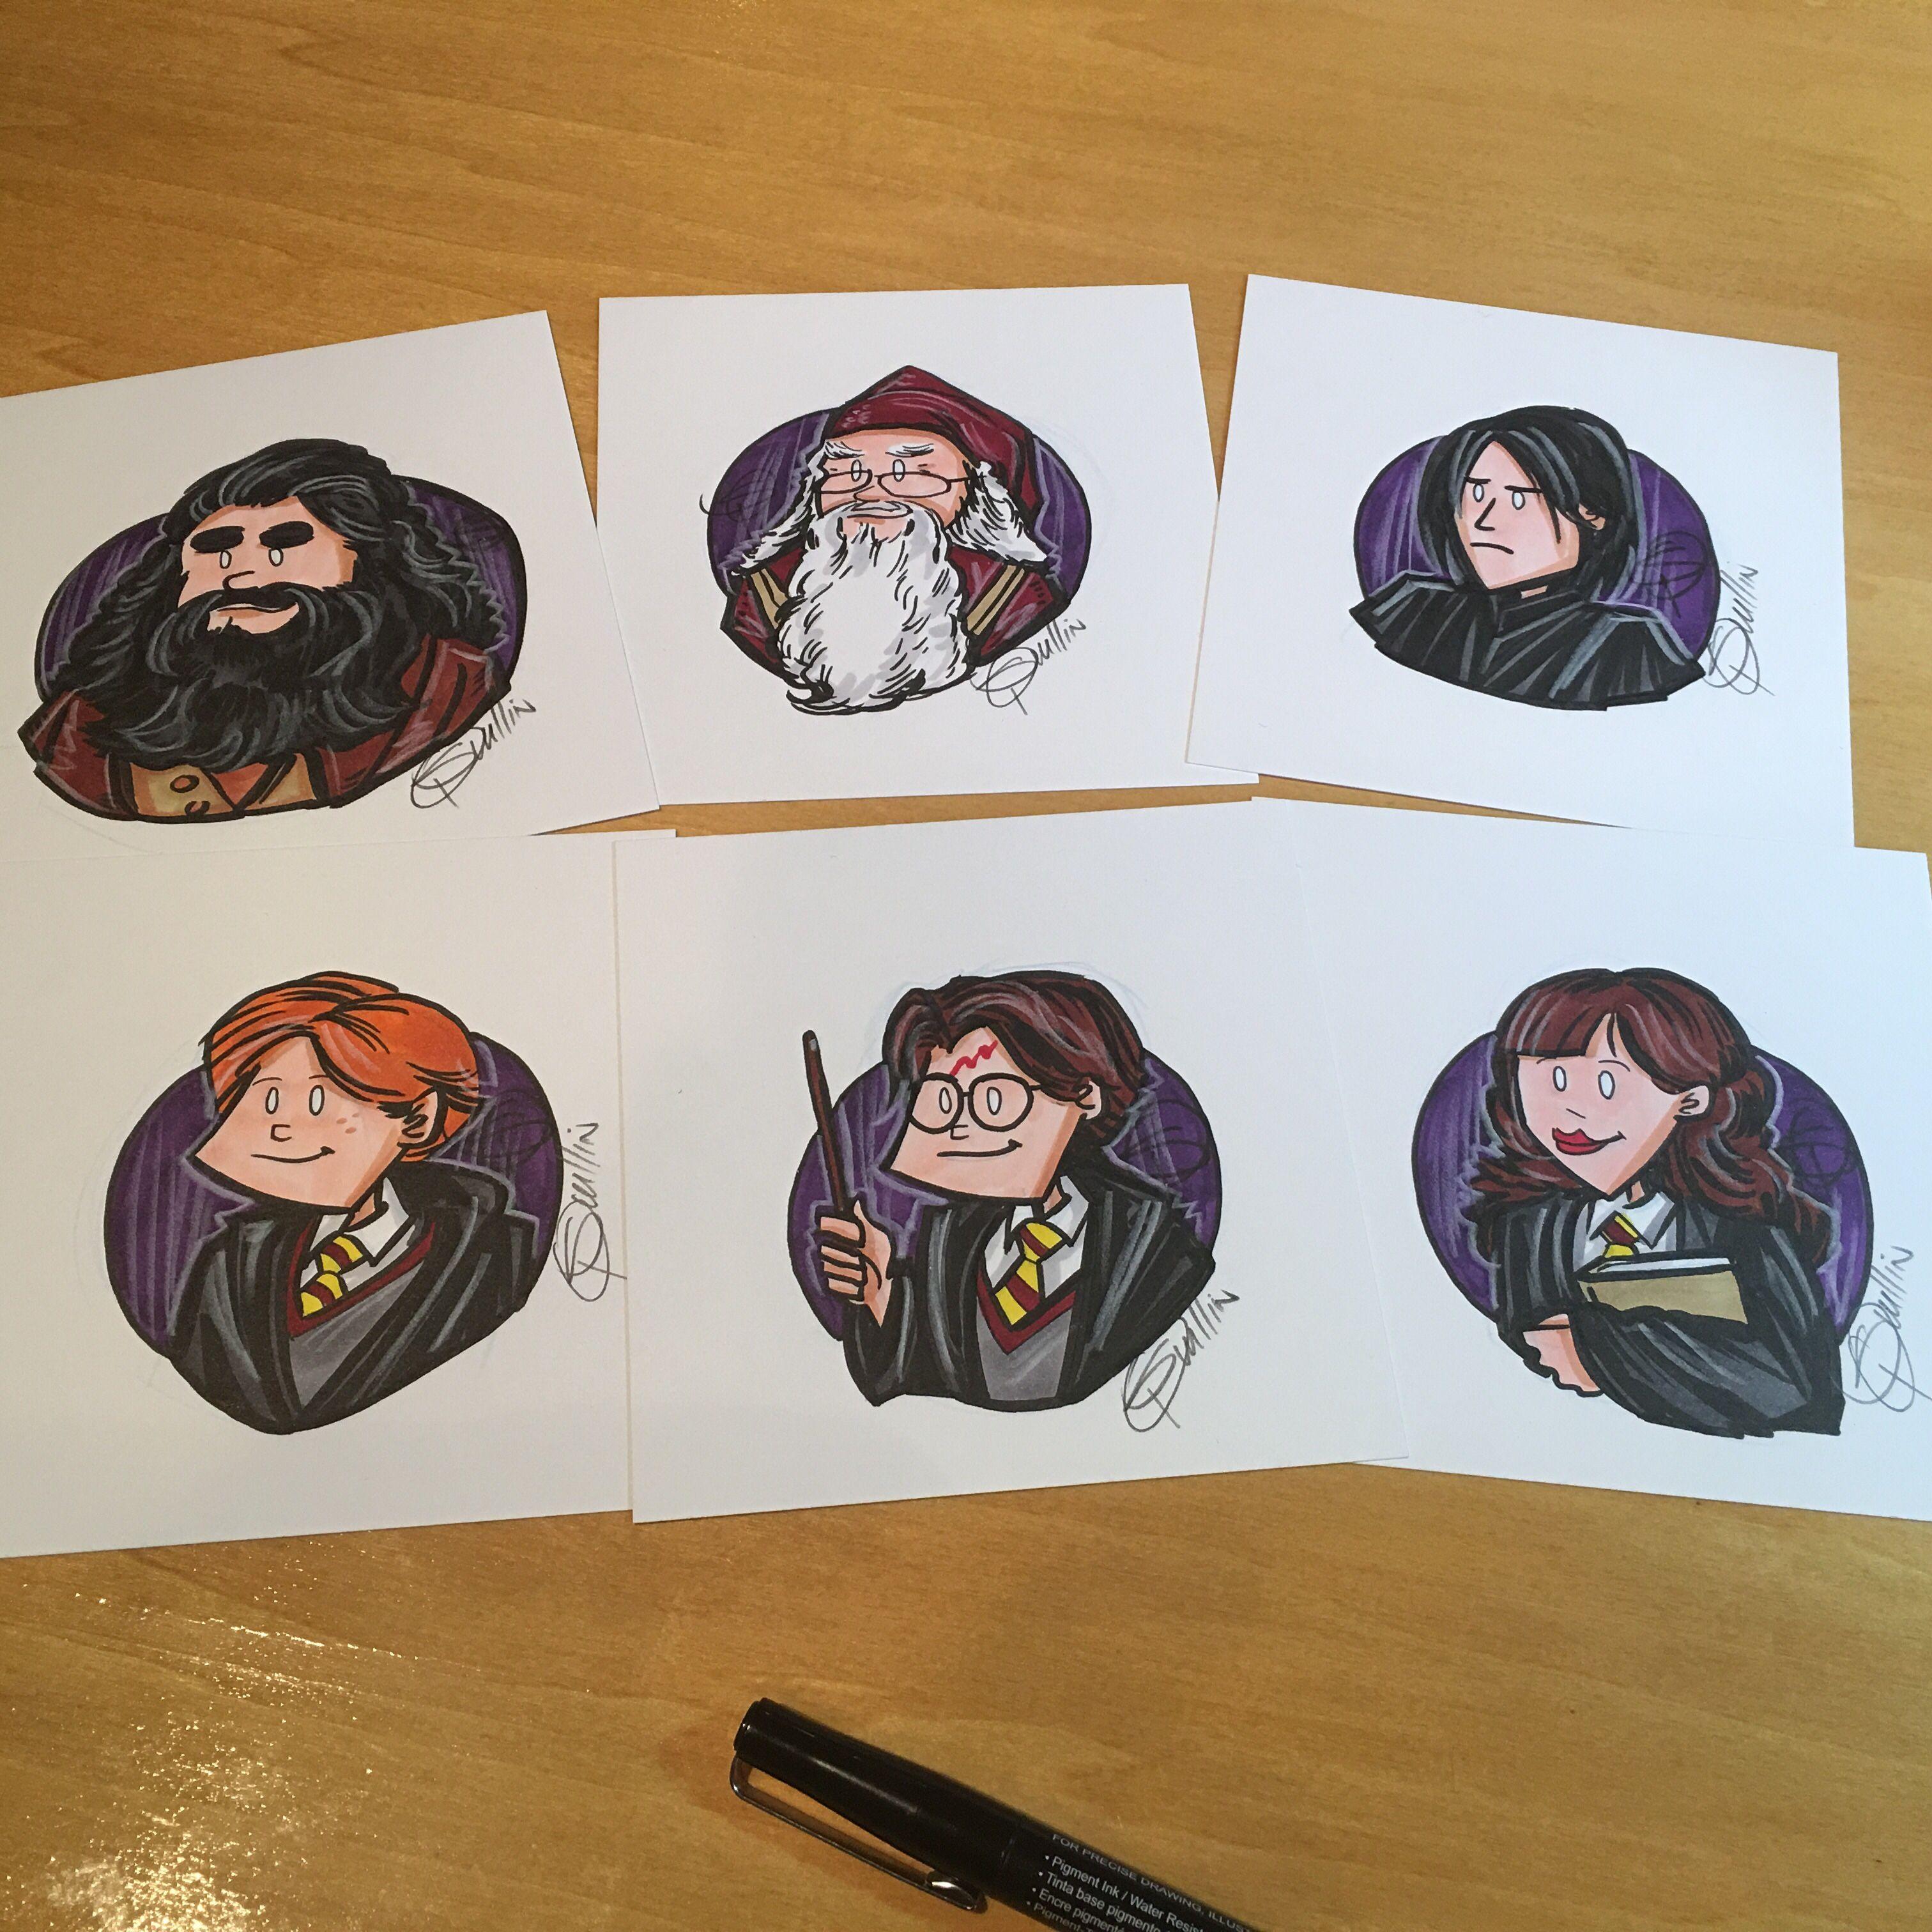 Harrypotter Set Art Drawing Ink Sketch Copic Sketchbook Artist Illustration Potterhead Harry Potter Harry Potter Fantastic Beasts Sketch Book